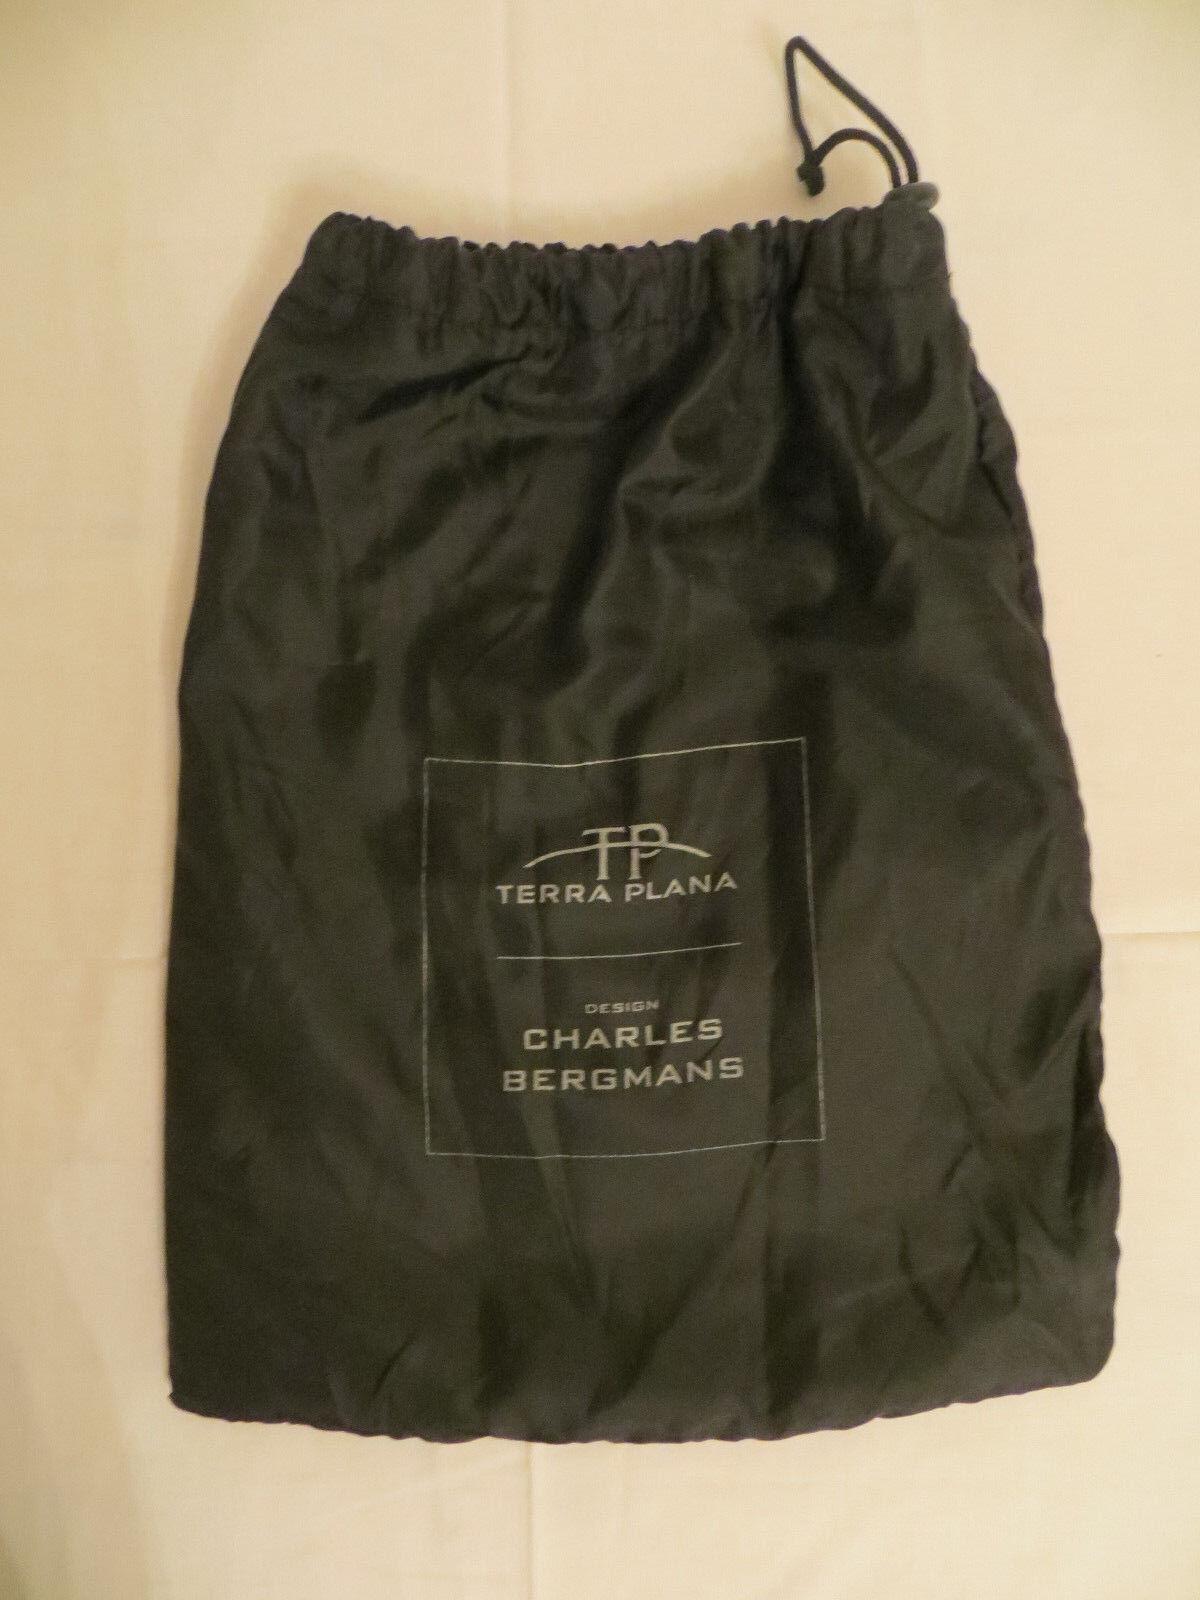 Terra Plana Hausschuhe Größe schwarz, 43, Des. Charles Bergmans, Leder schwarz, Größe Neuwertig ab8a83